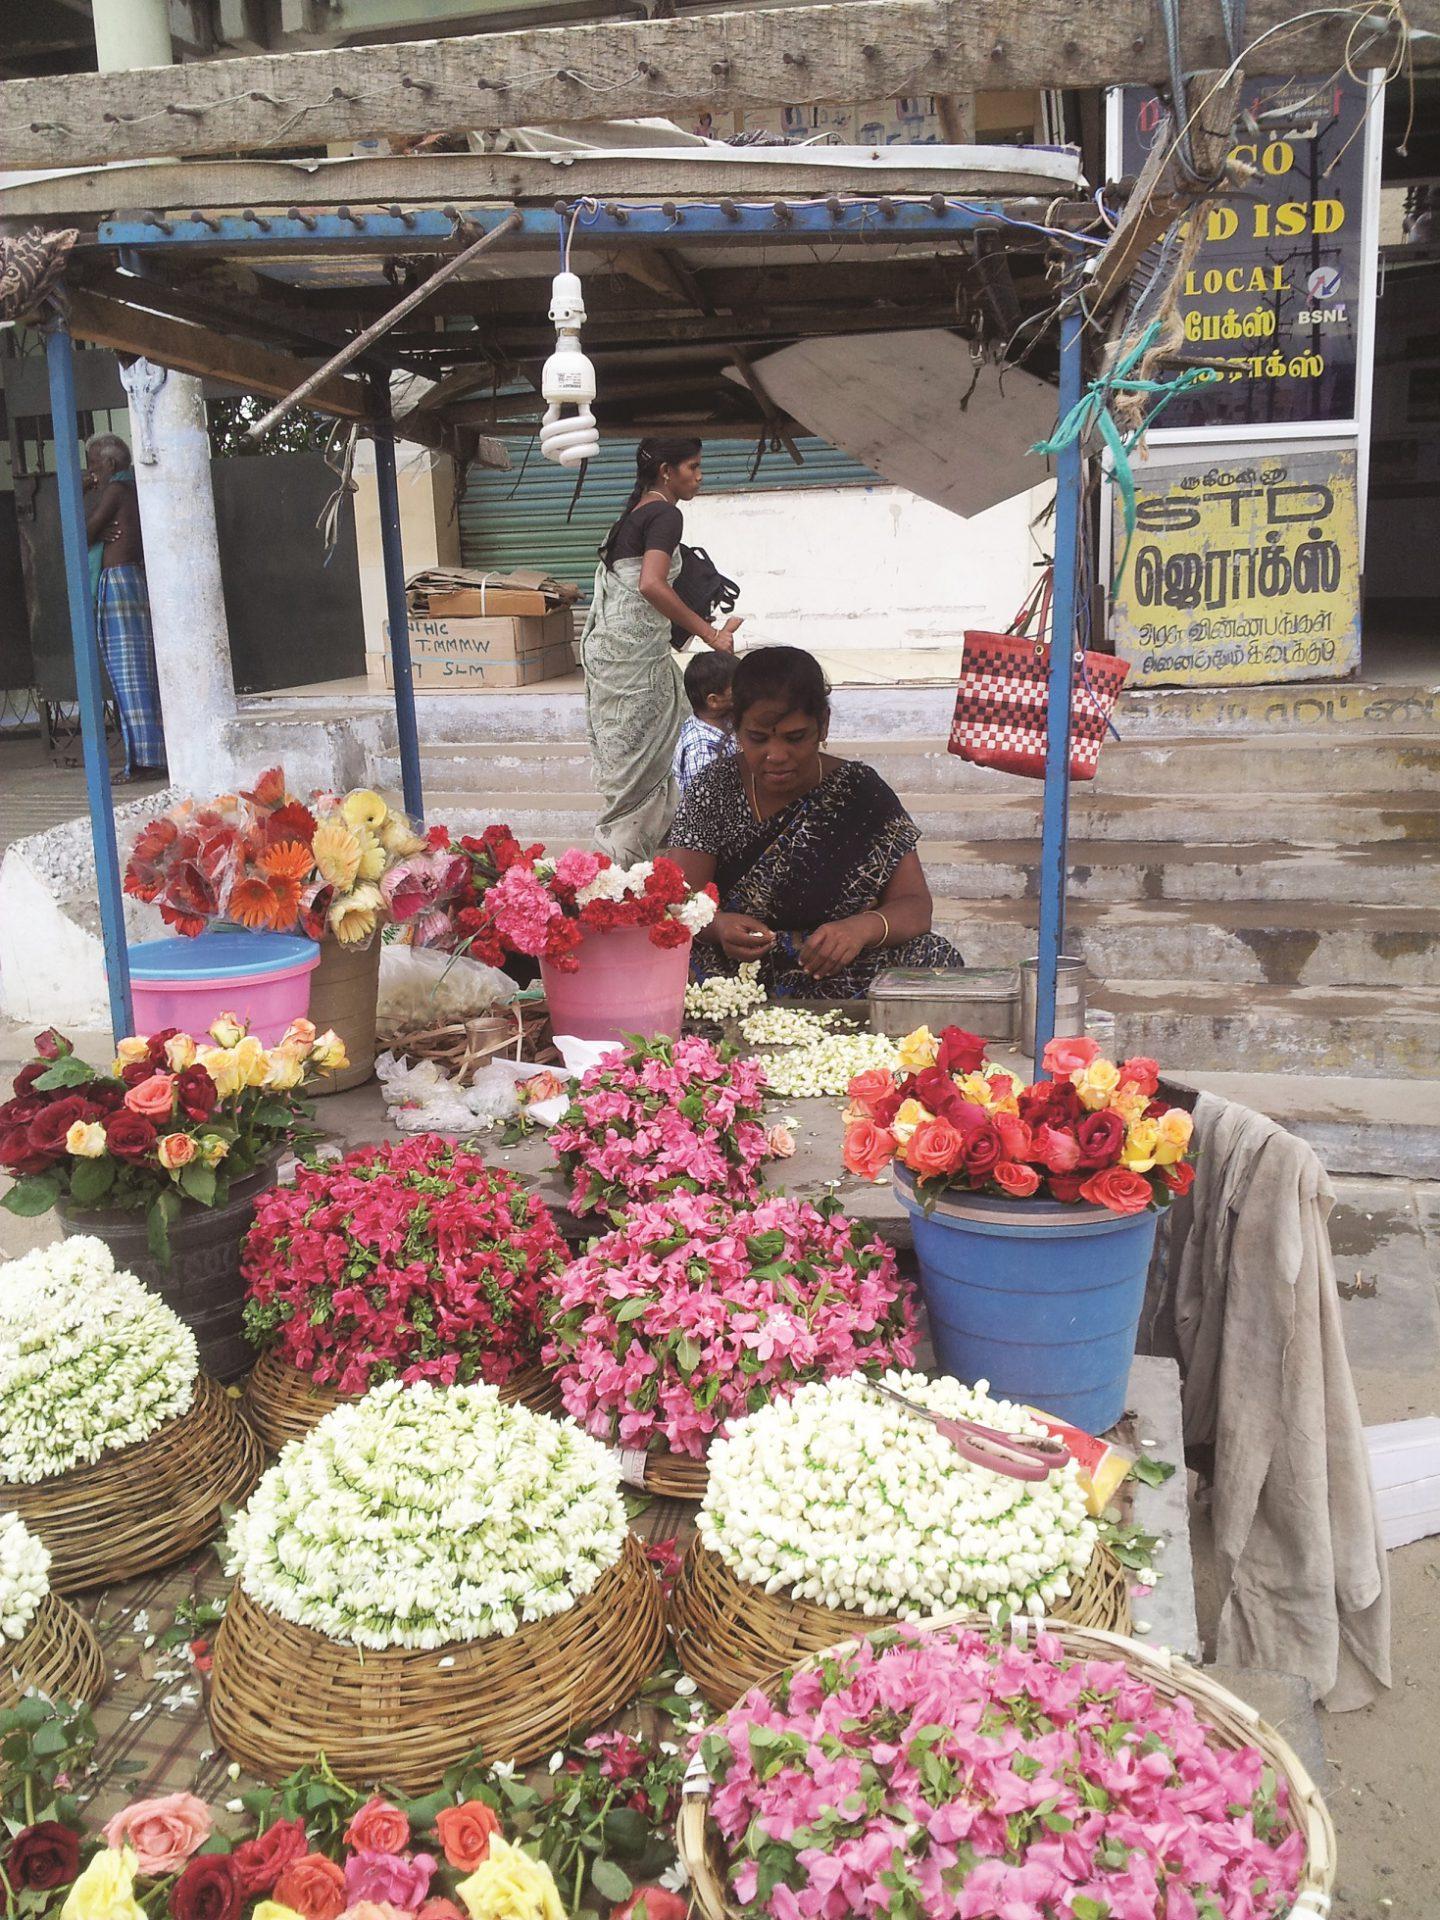 2011 07 30 מוכרת פרחים בתמיל נדו שבדרום הודו 17.24.41